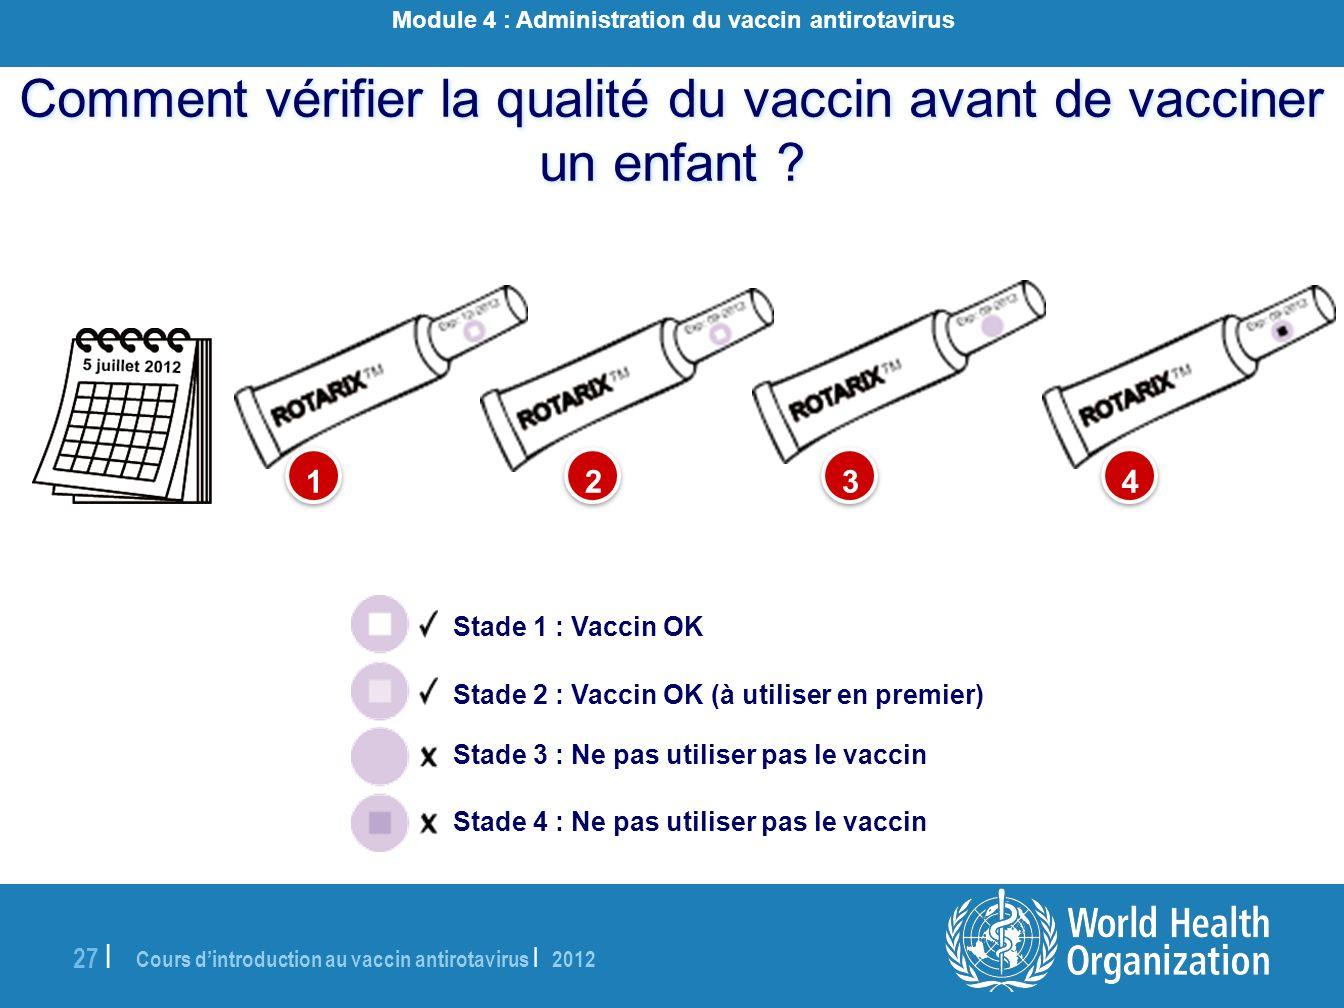 Cours dintroduction au vaccin antirotavirus | 2012 27 | Comment vérifier la qualité du vaccin avant de vacciner un enfant ? 1 1 2 2 3 3 4 4 Stade 1 :